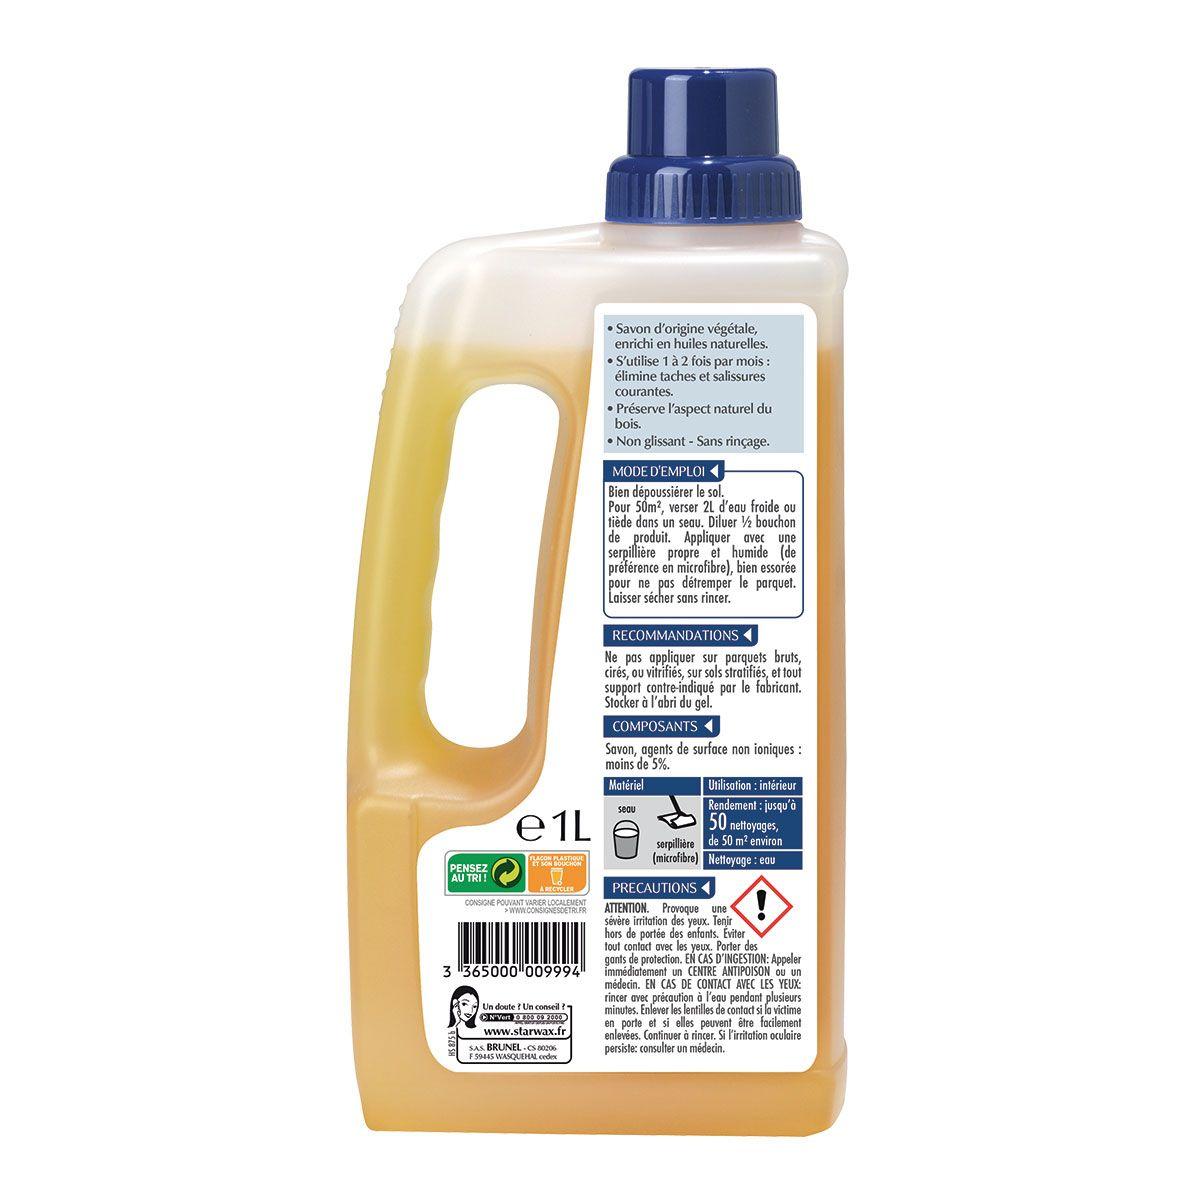 savon entretien parquet huile starwax